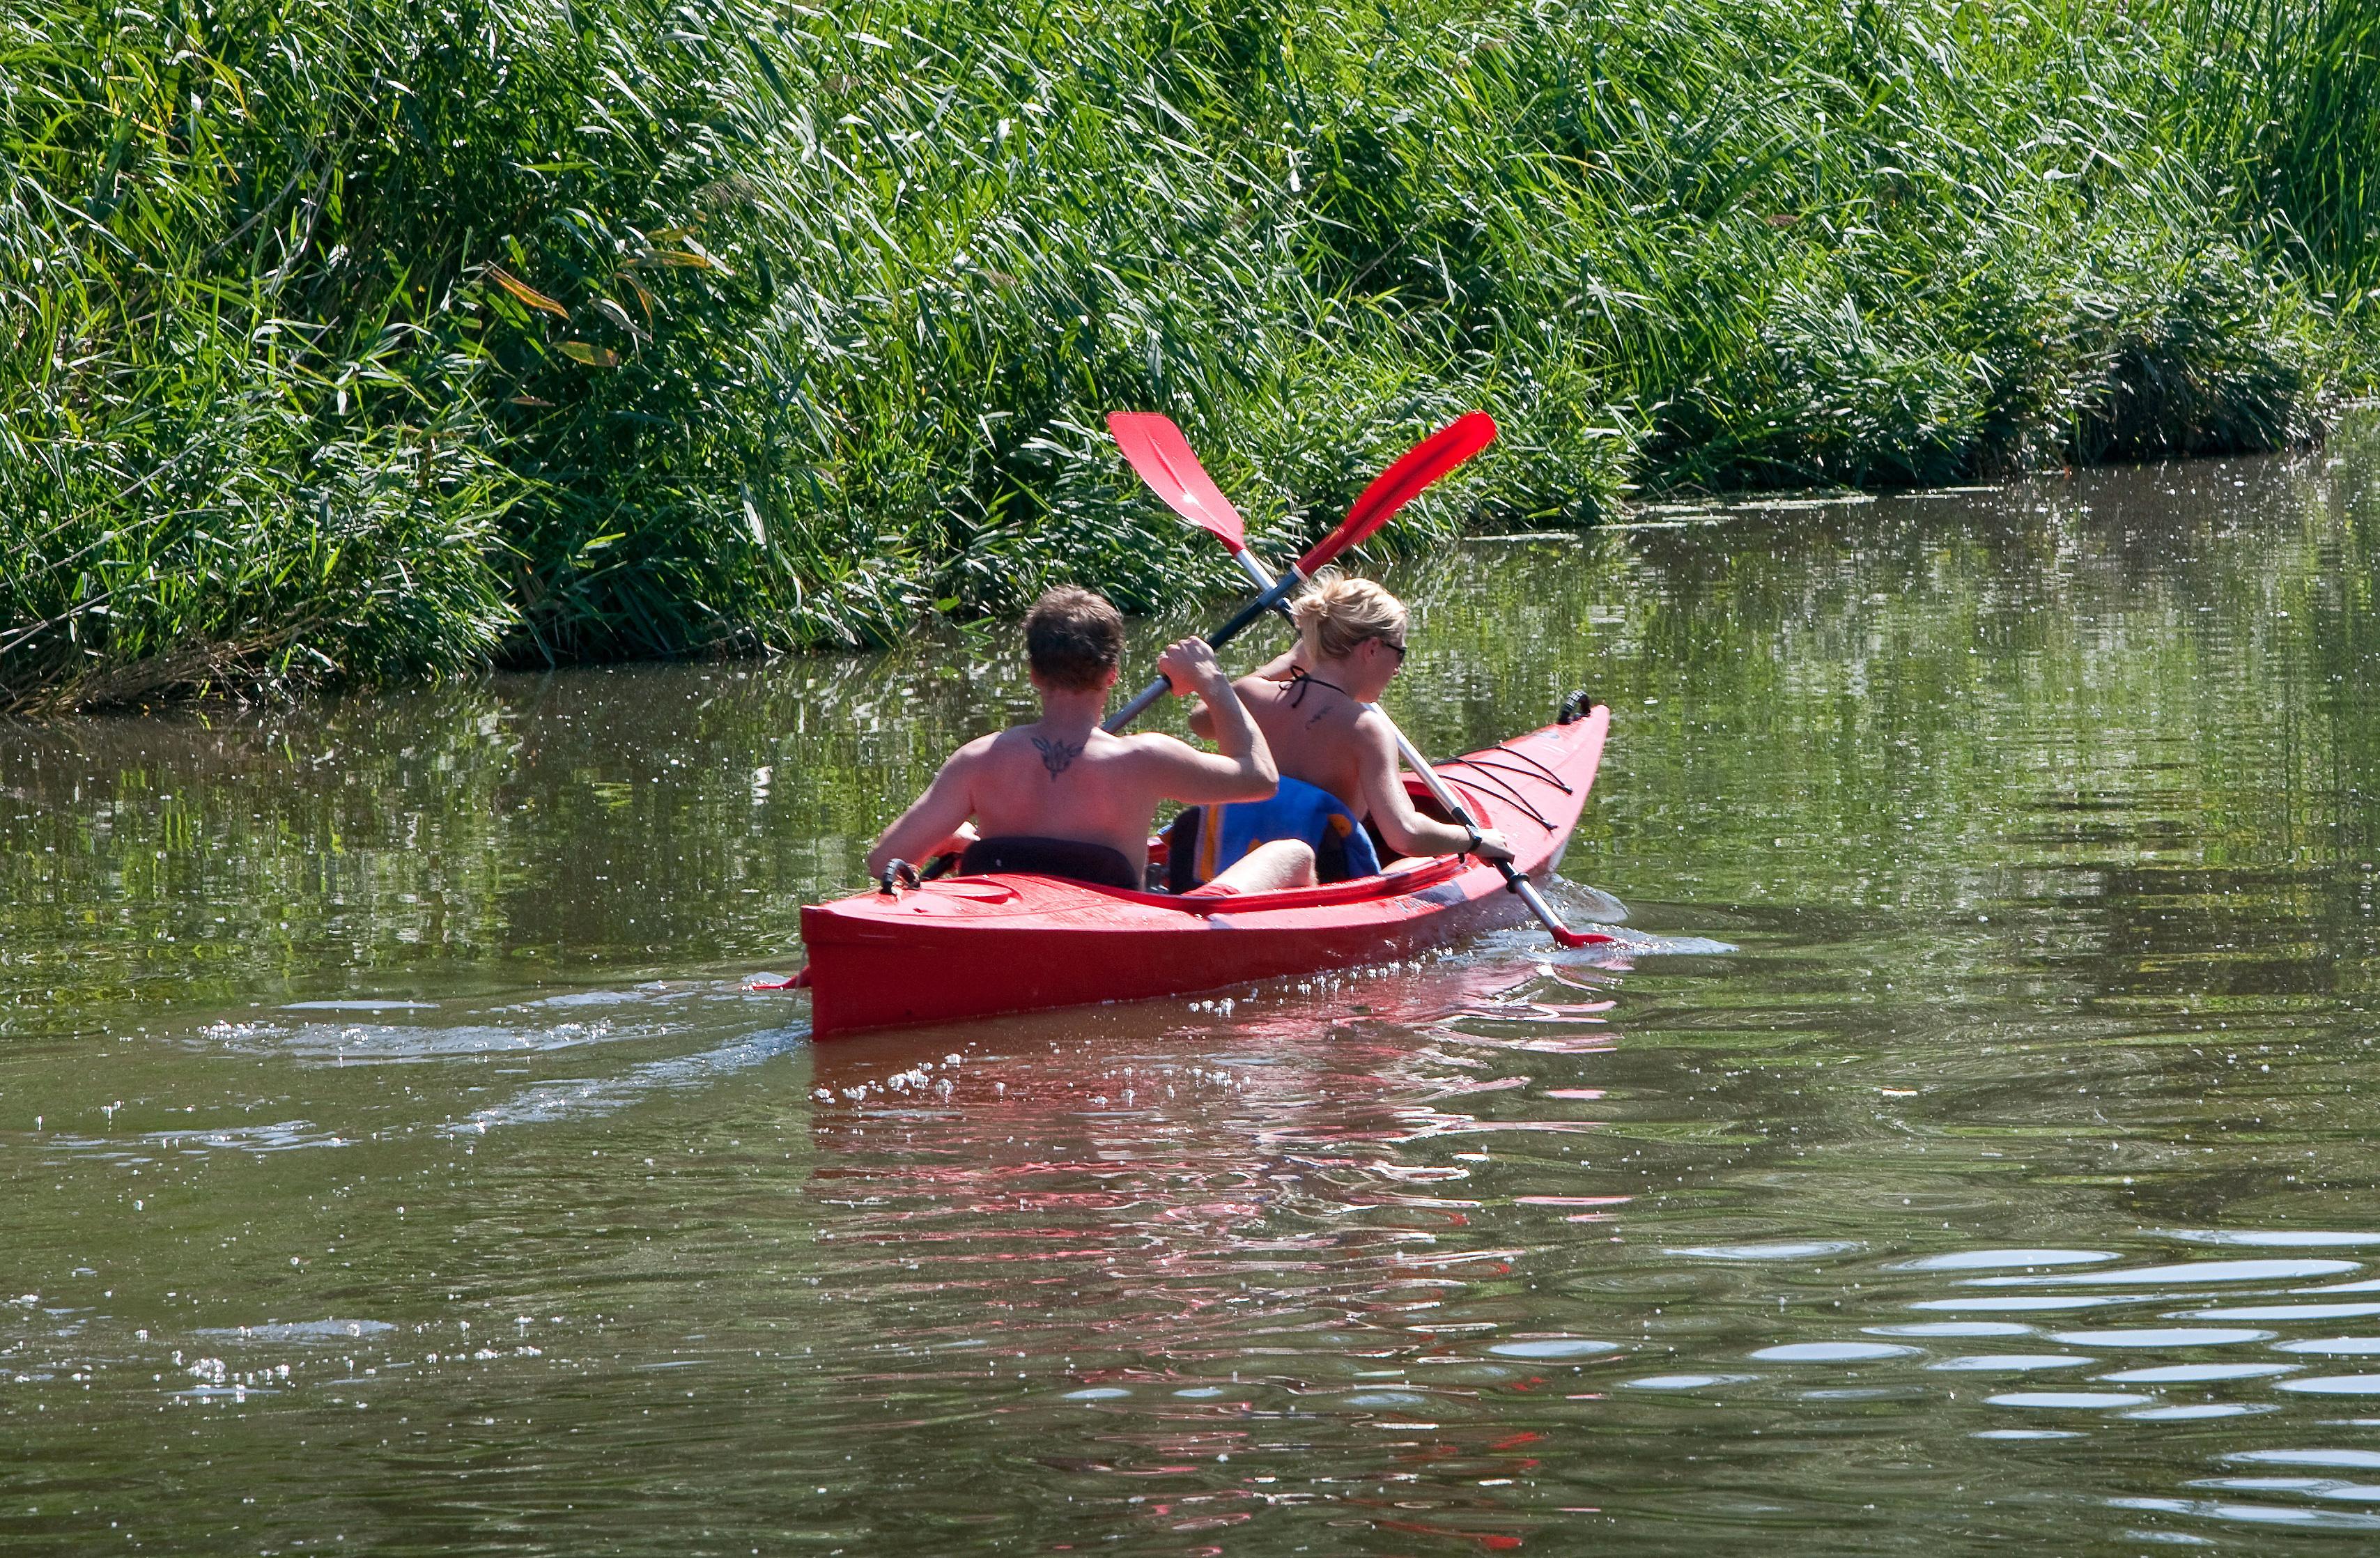 Kajakkers in het water